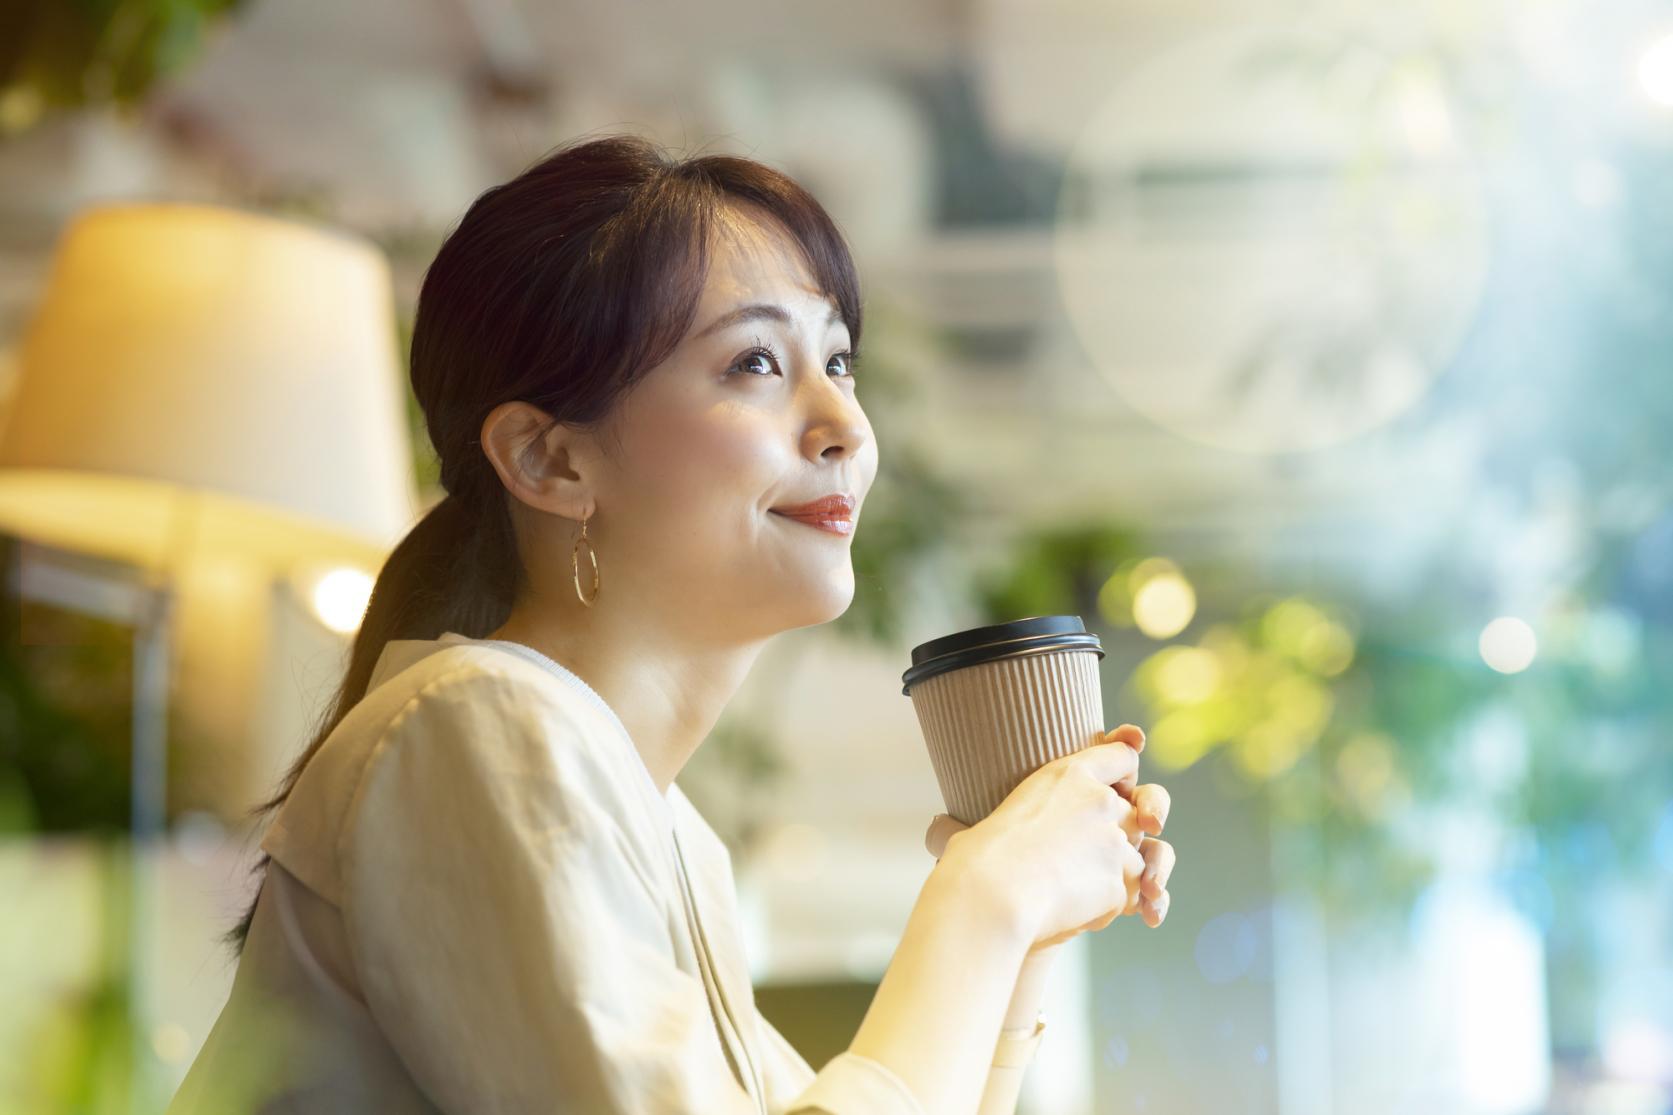 【第2天】闲逛福冈市内咖啡厅等-1